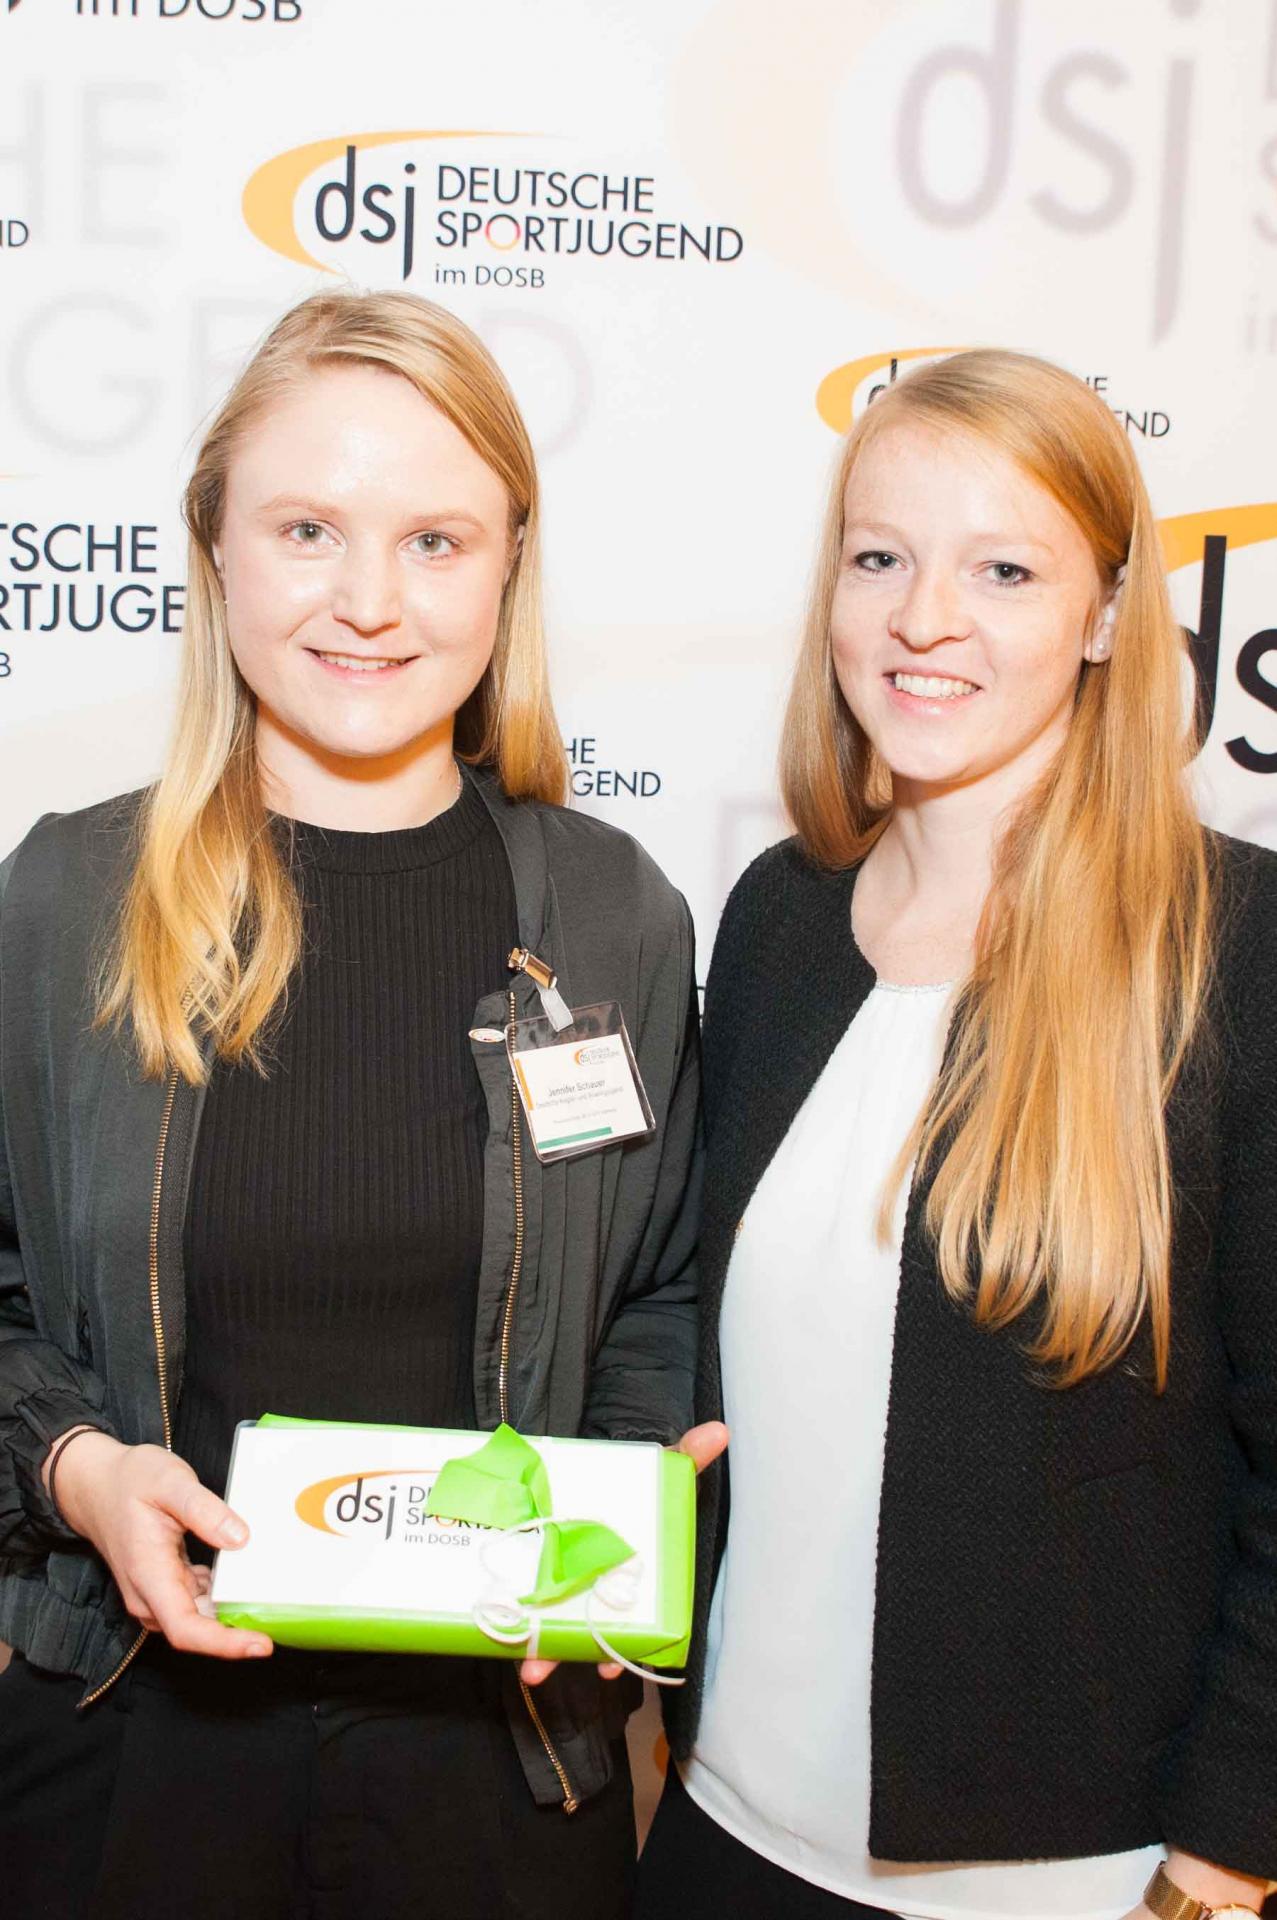 Von links: Jennifer Schauer, Kirsten Hasenpusch